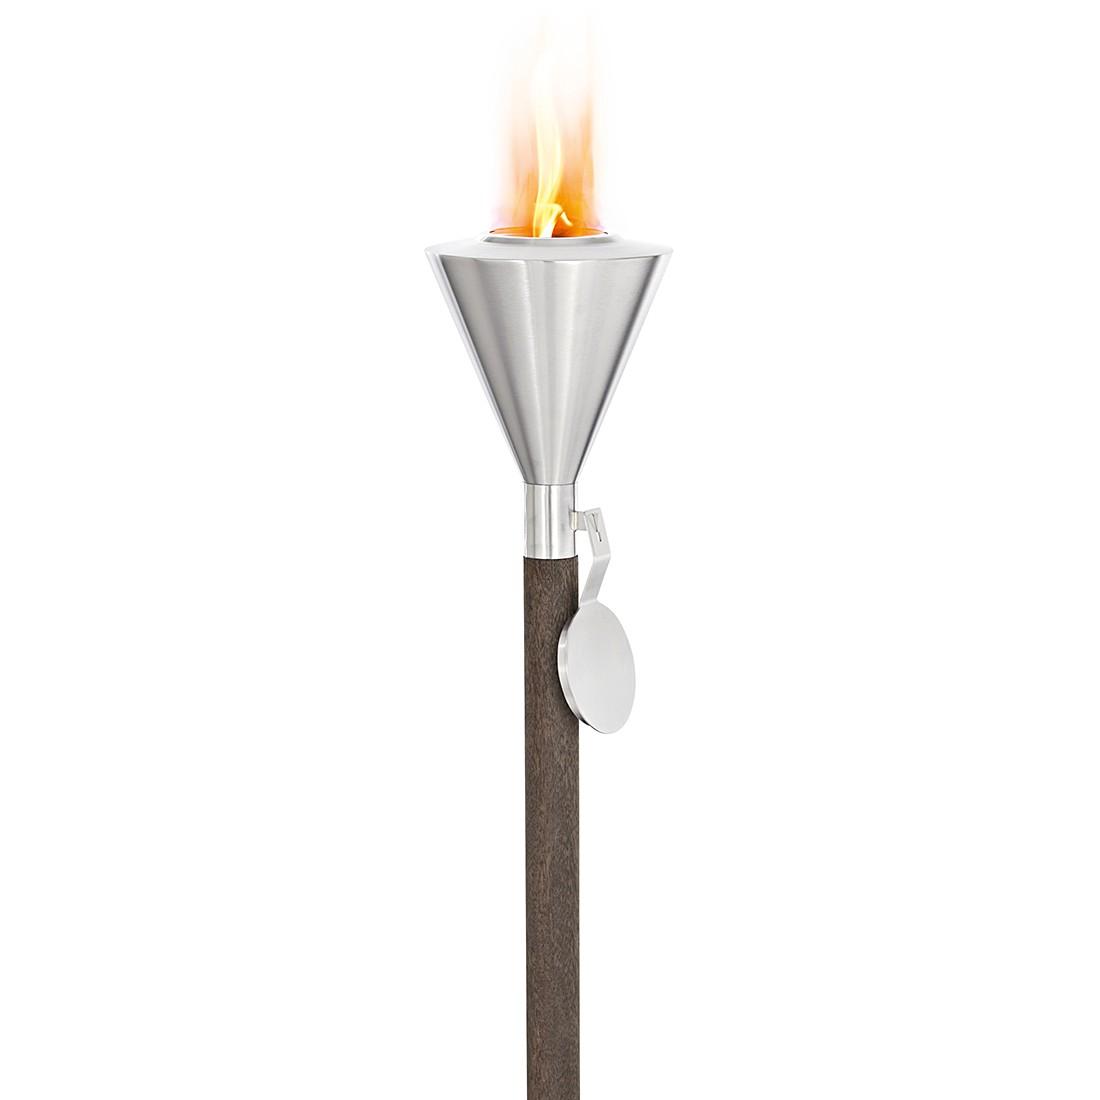 Gartenfackel Orchos - Für Brenngel, Blomus